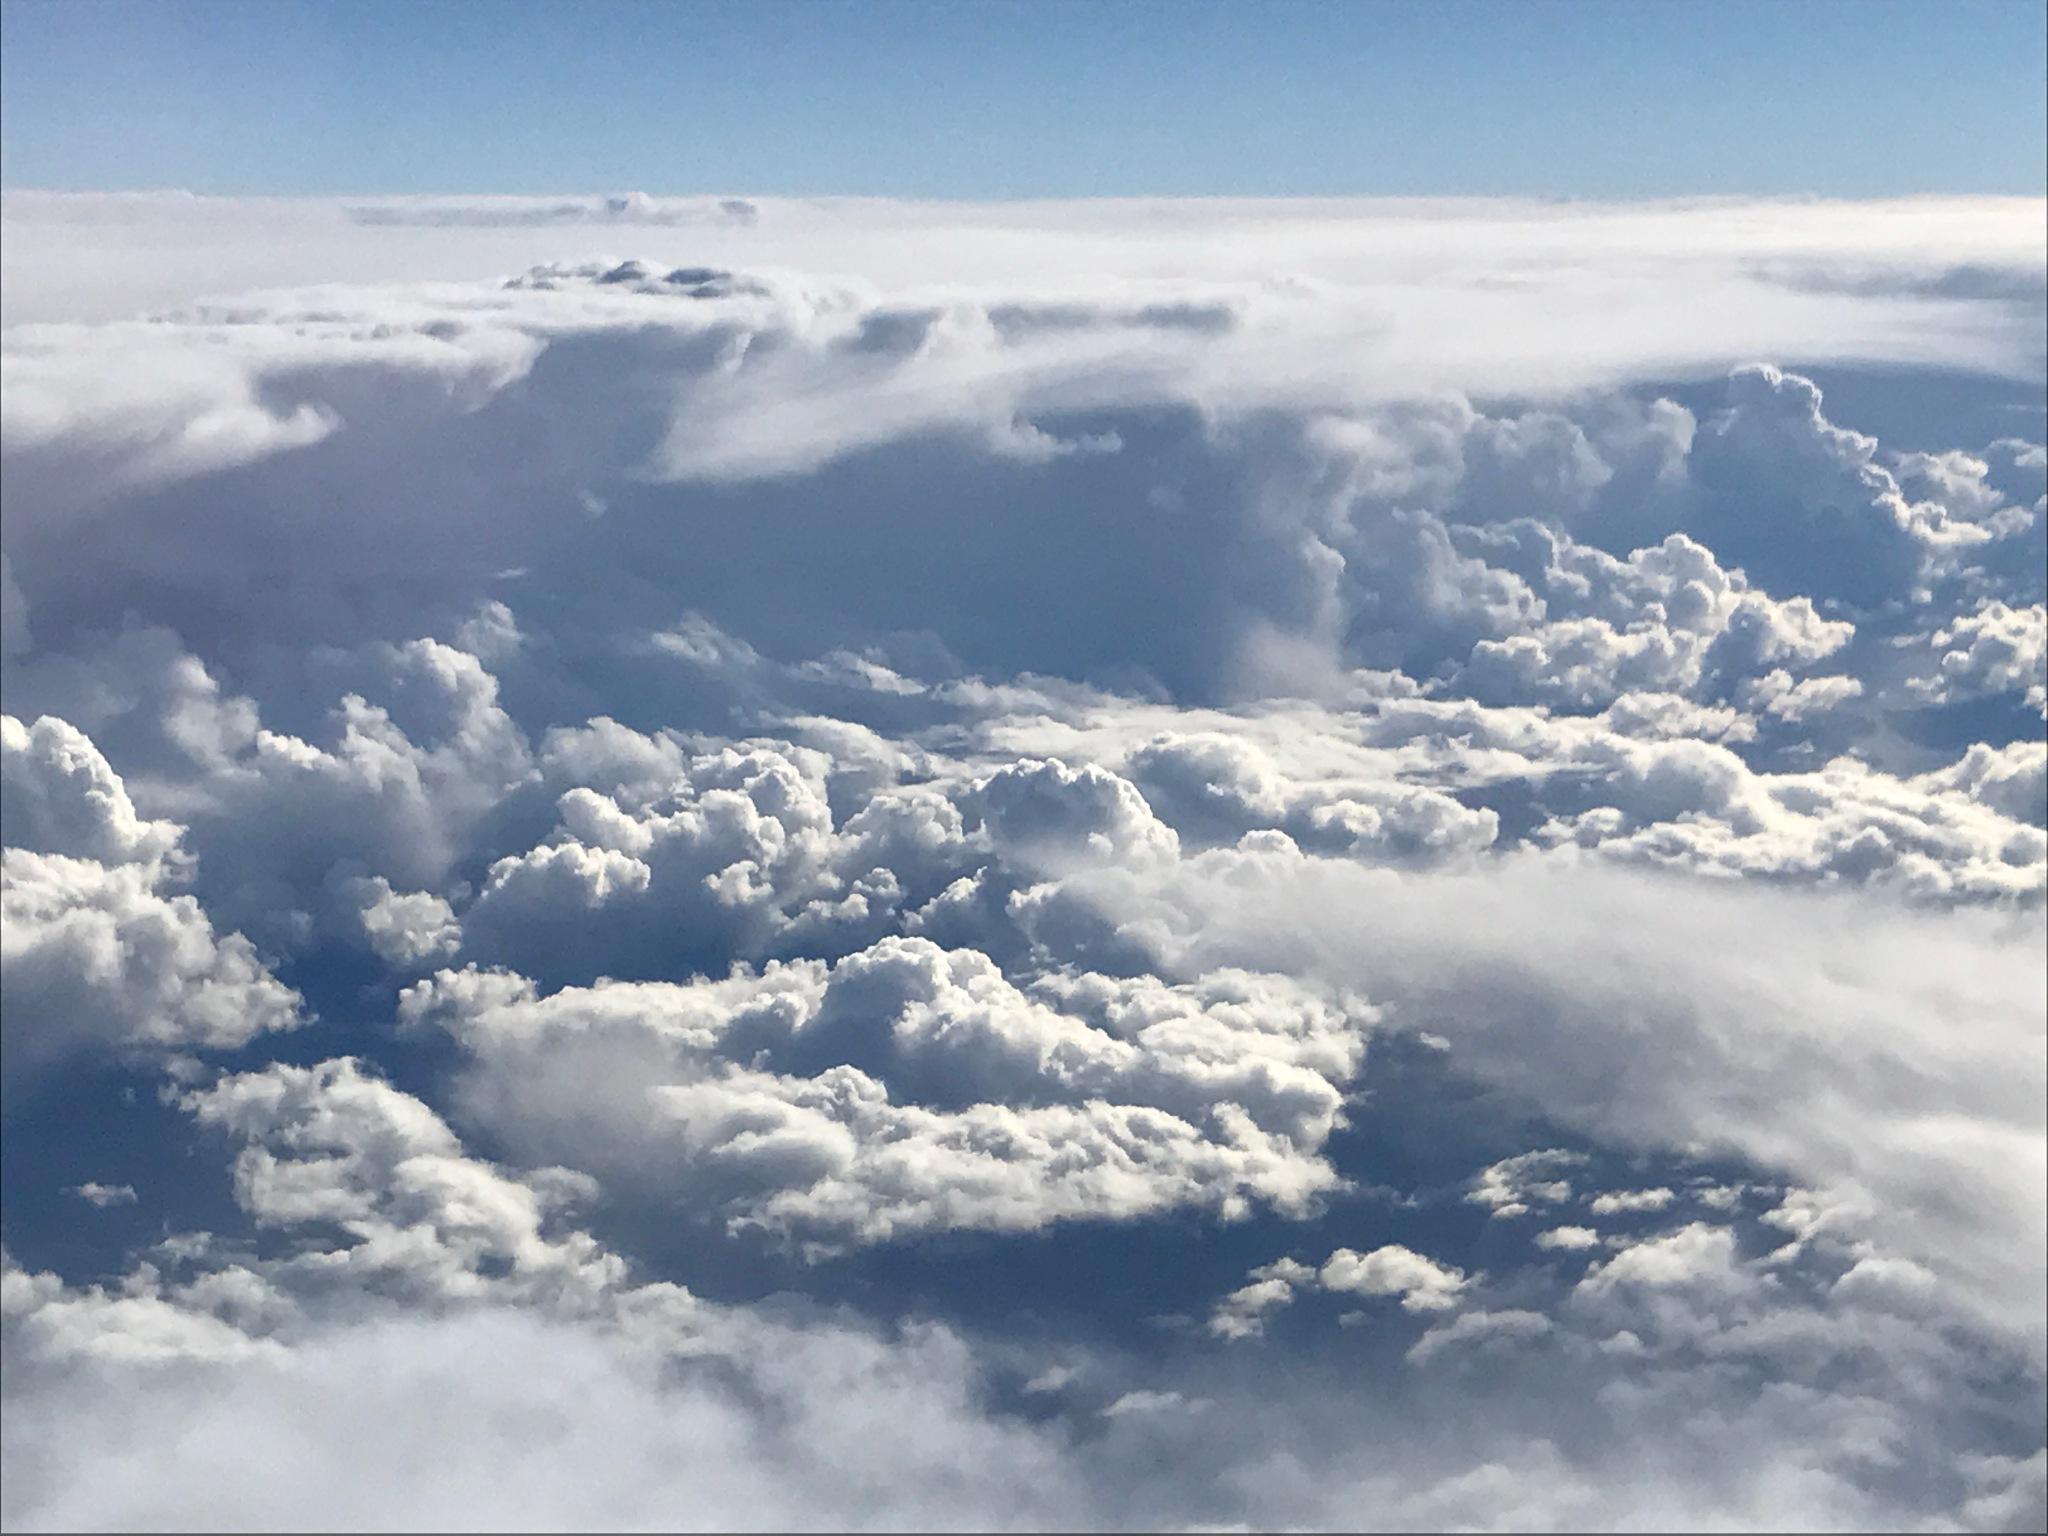 Clouds by Nnanitar